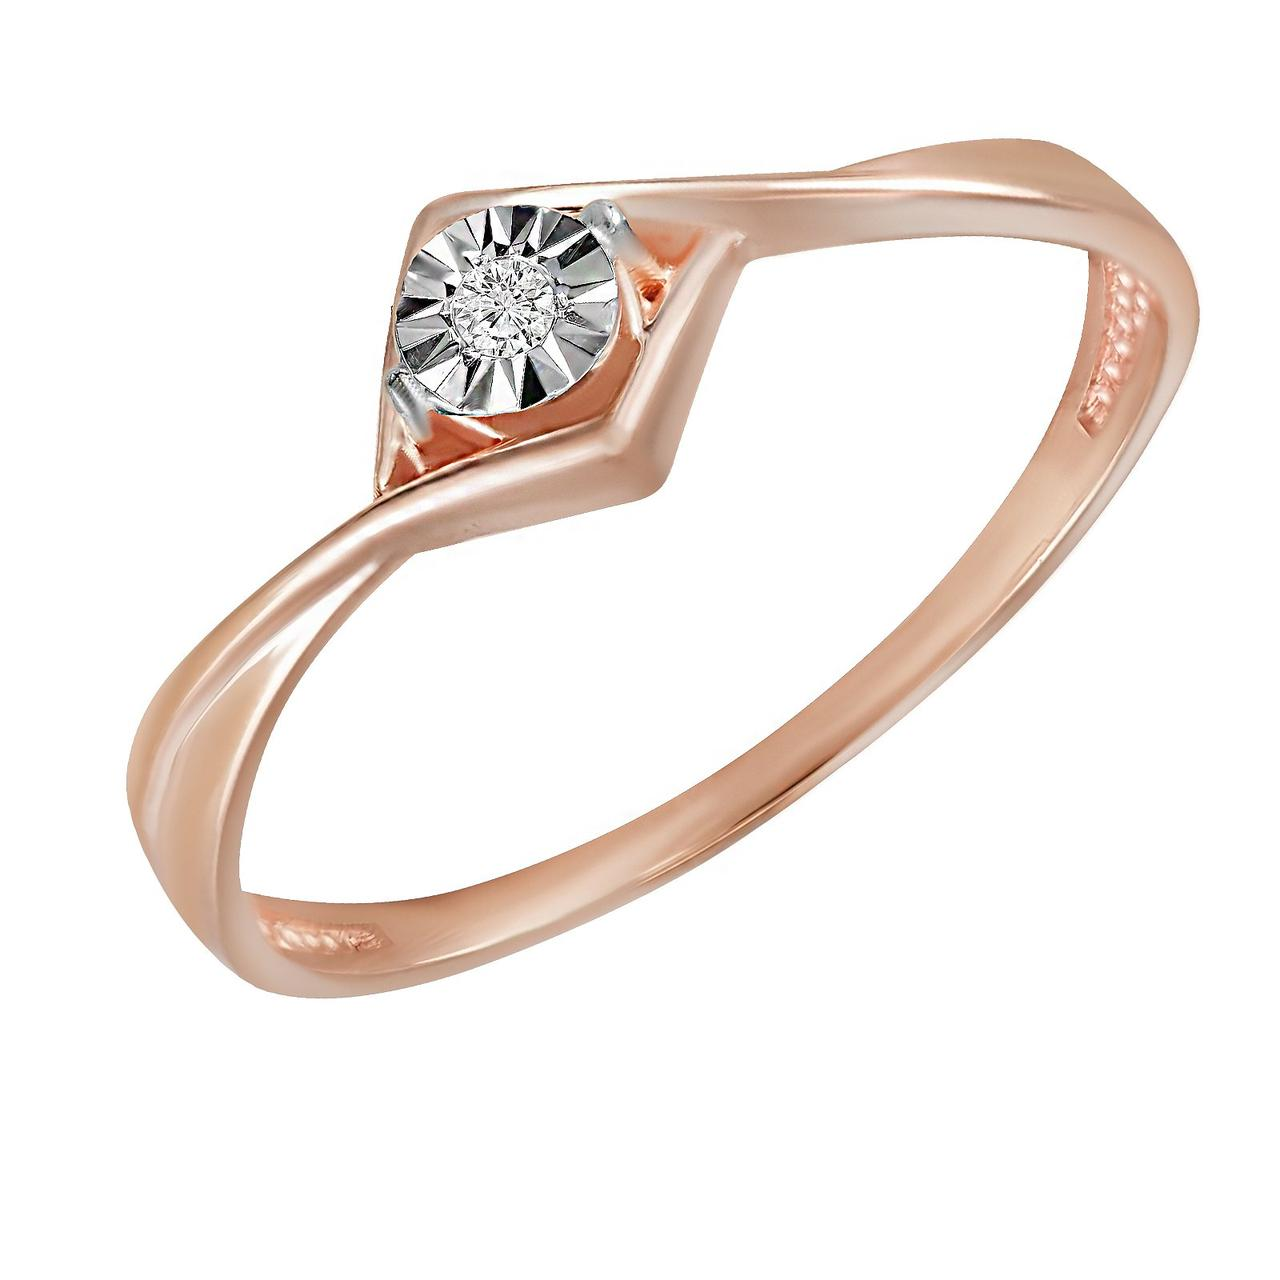 Золотое кольцо с бриллиантом, размер 15.5 (582785)